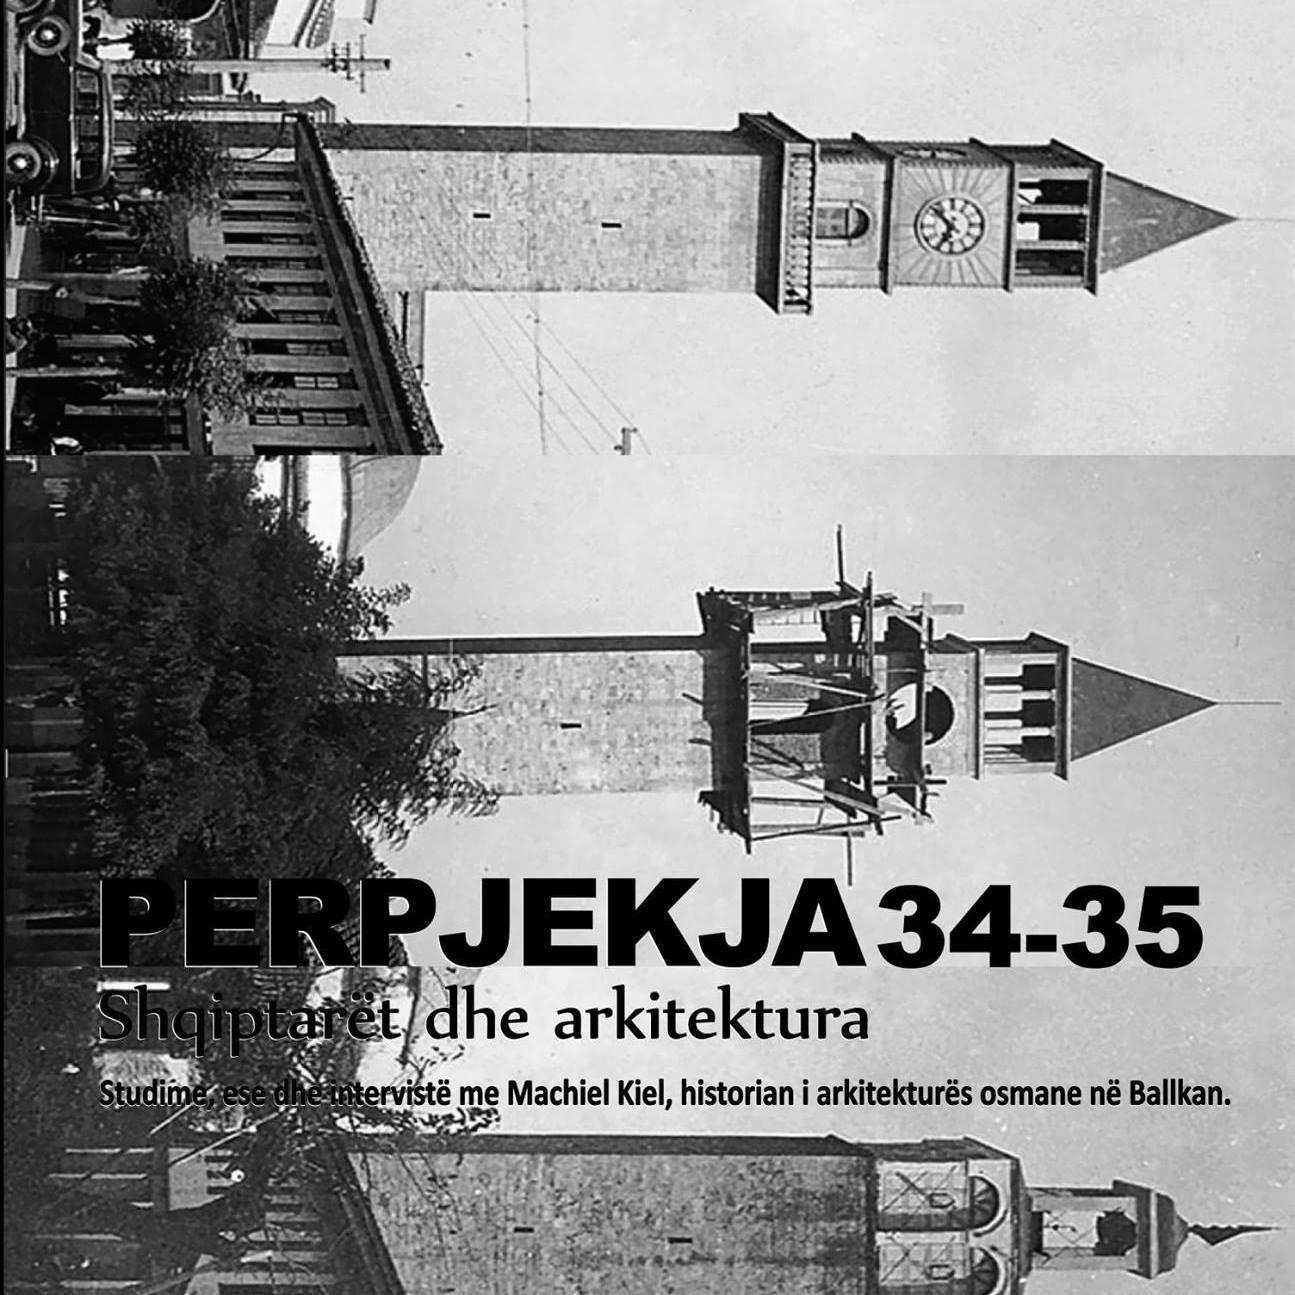 Përpjekja 34-35 Shqiptarët dhe arkitektura